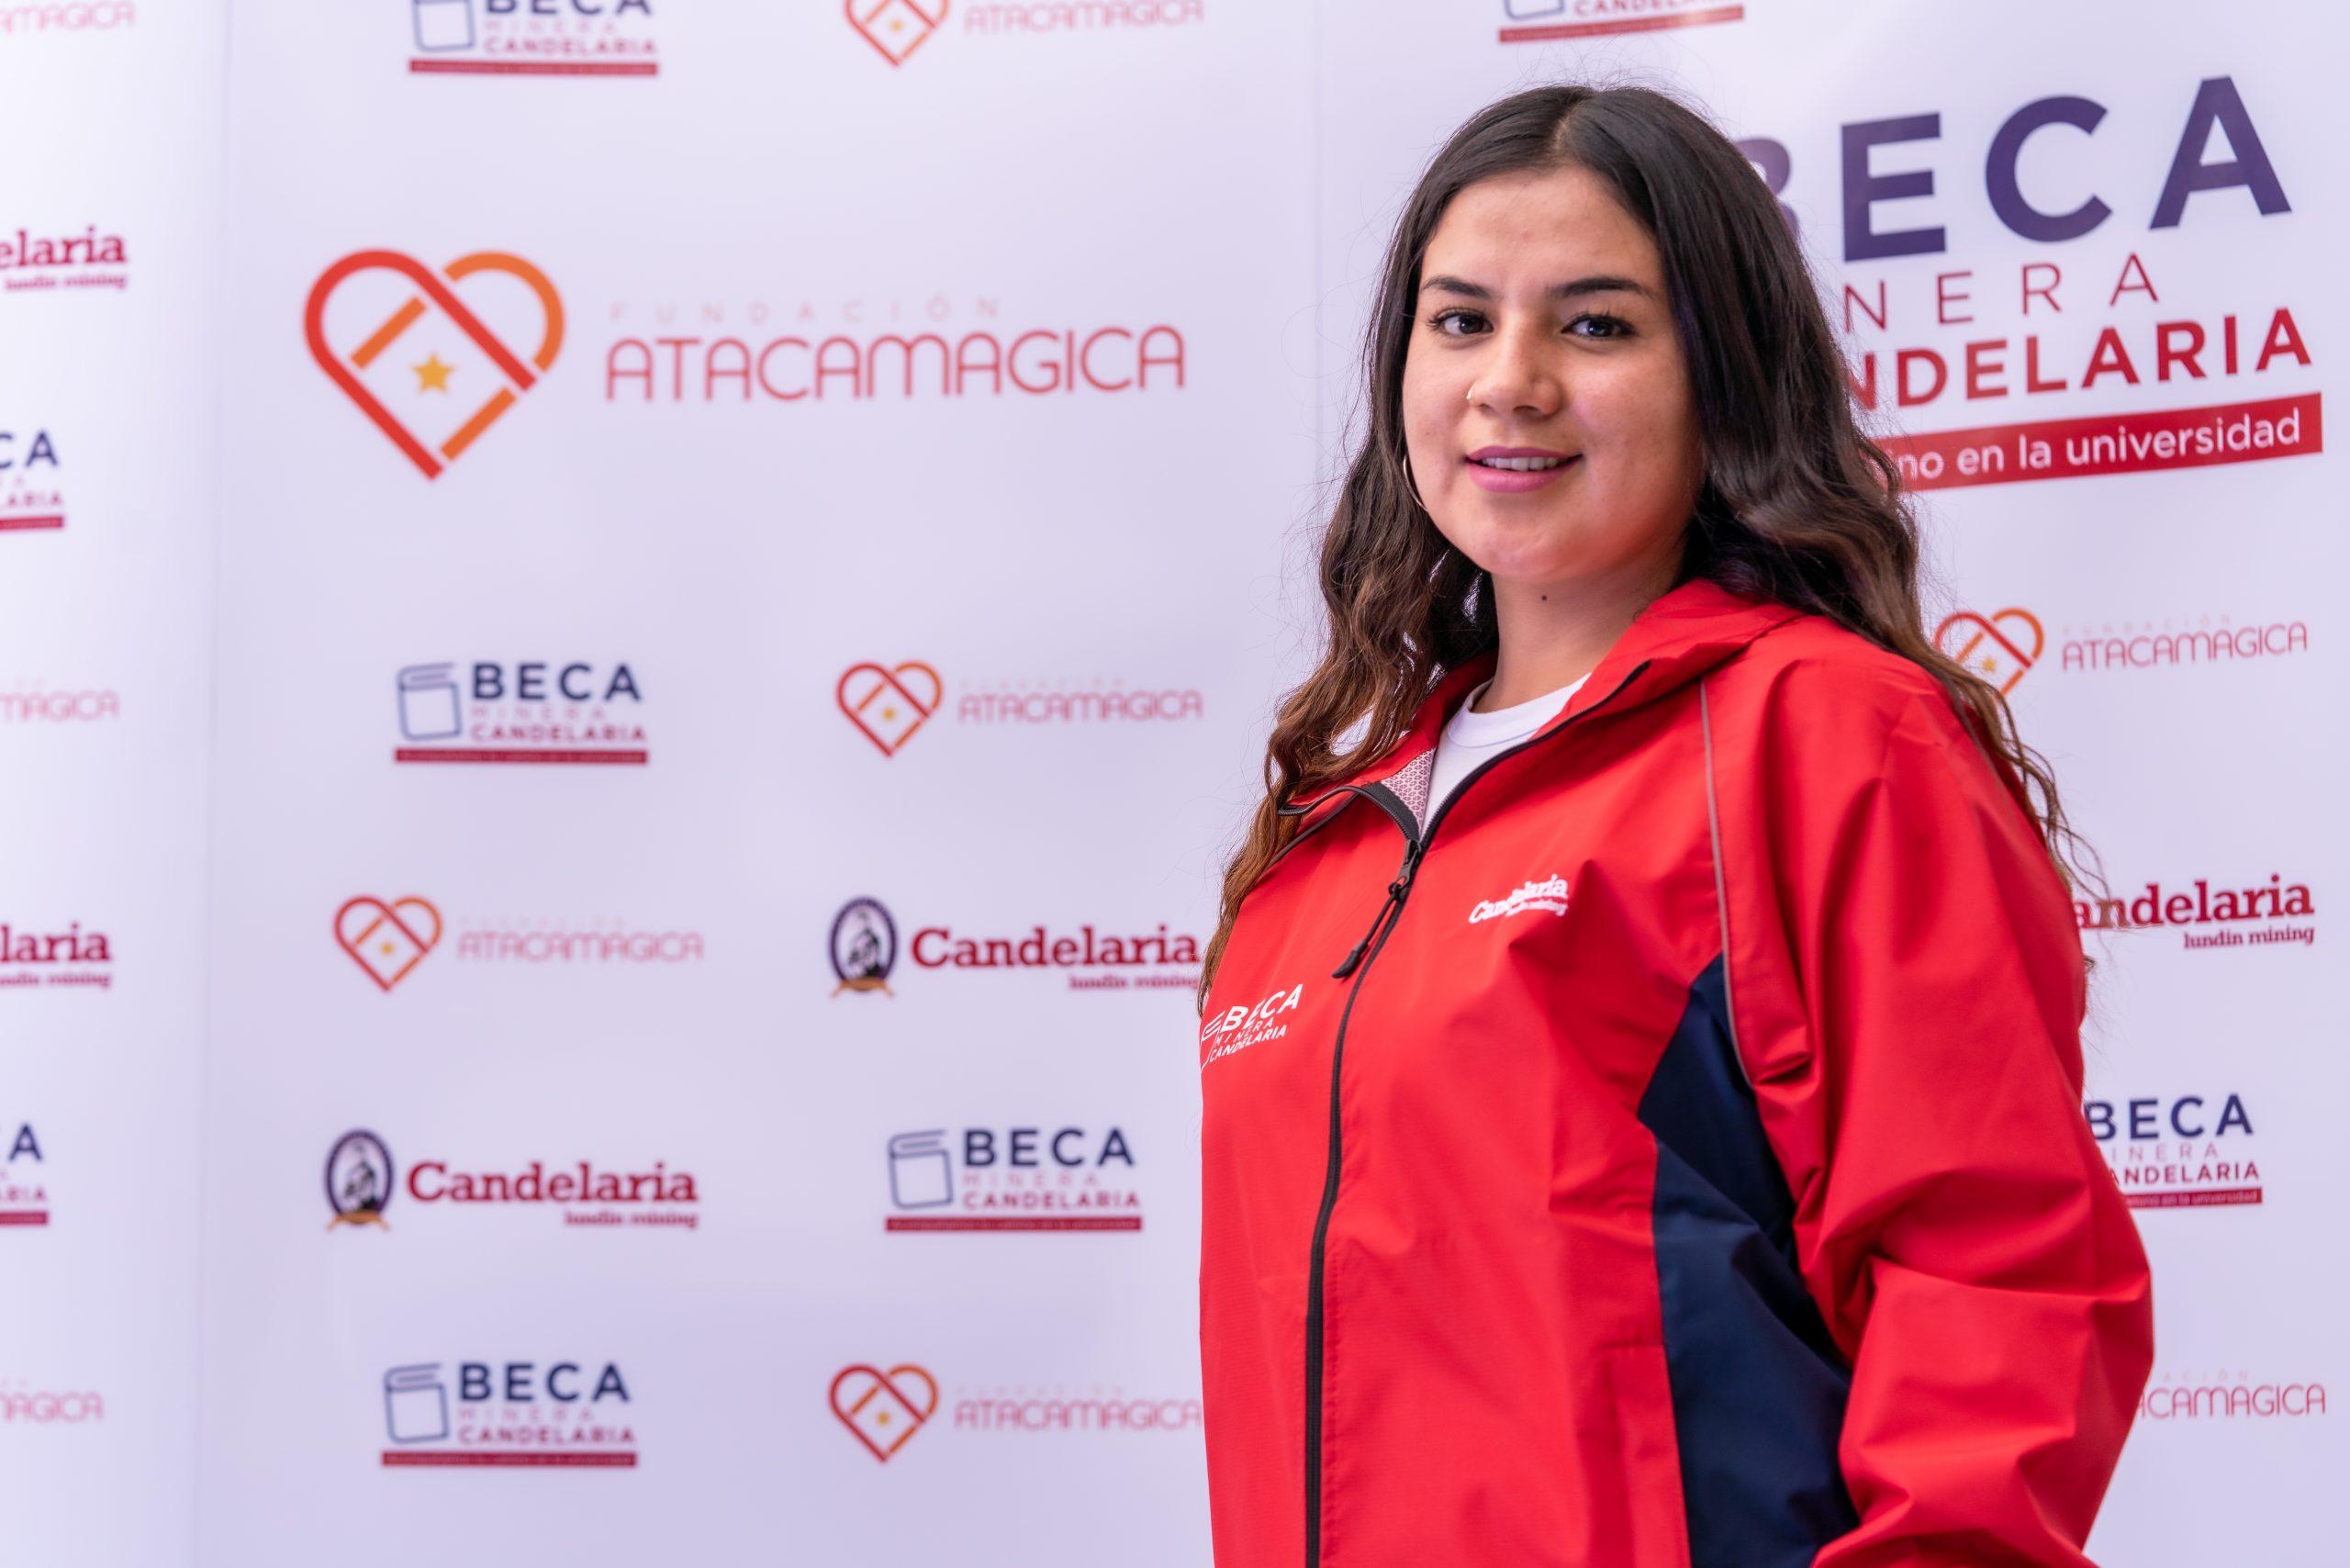 Becaria de minera Candelaria realiza su práctica profesional en fundación Atacamagica